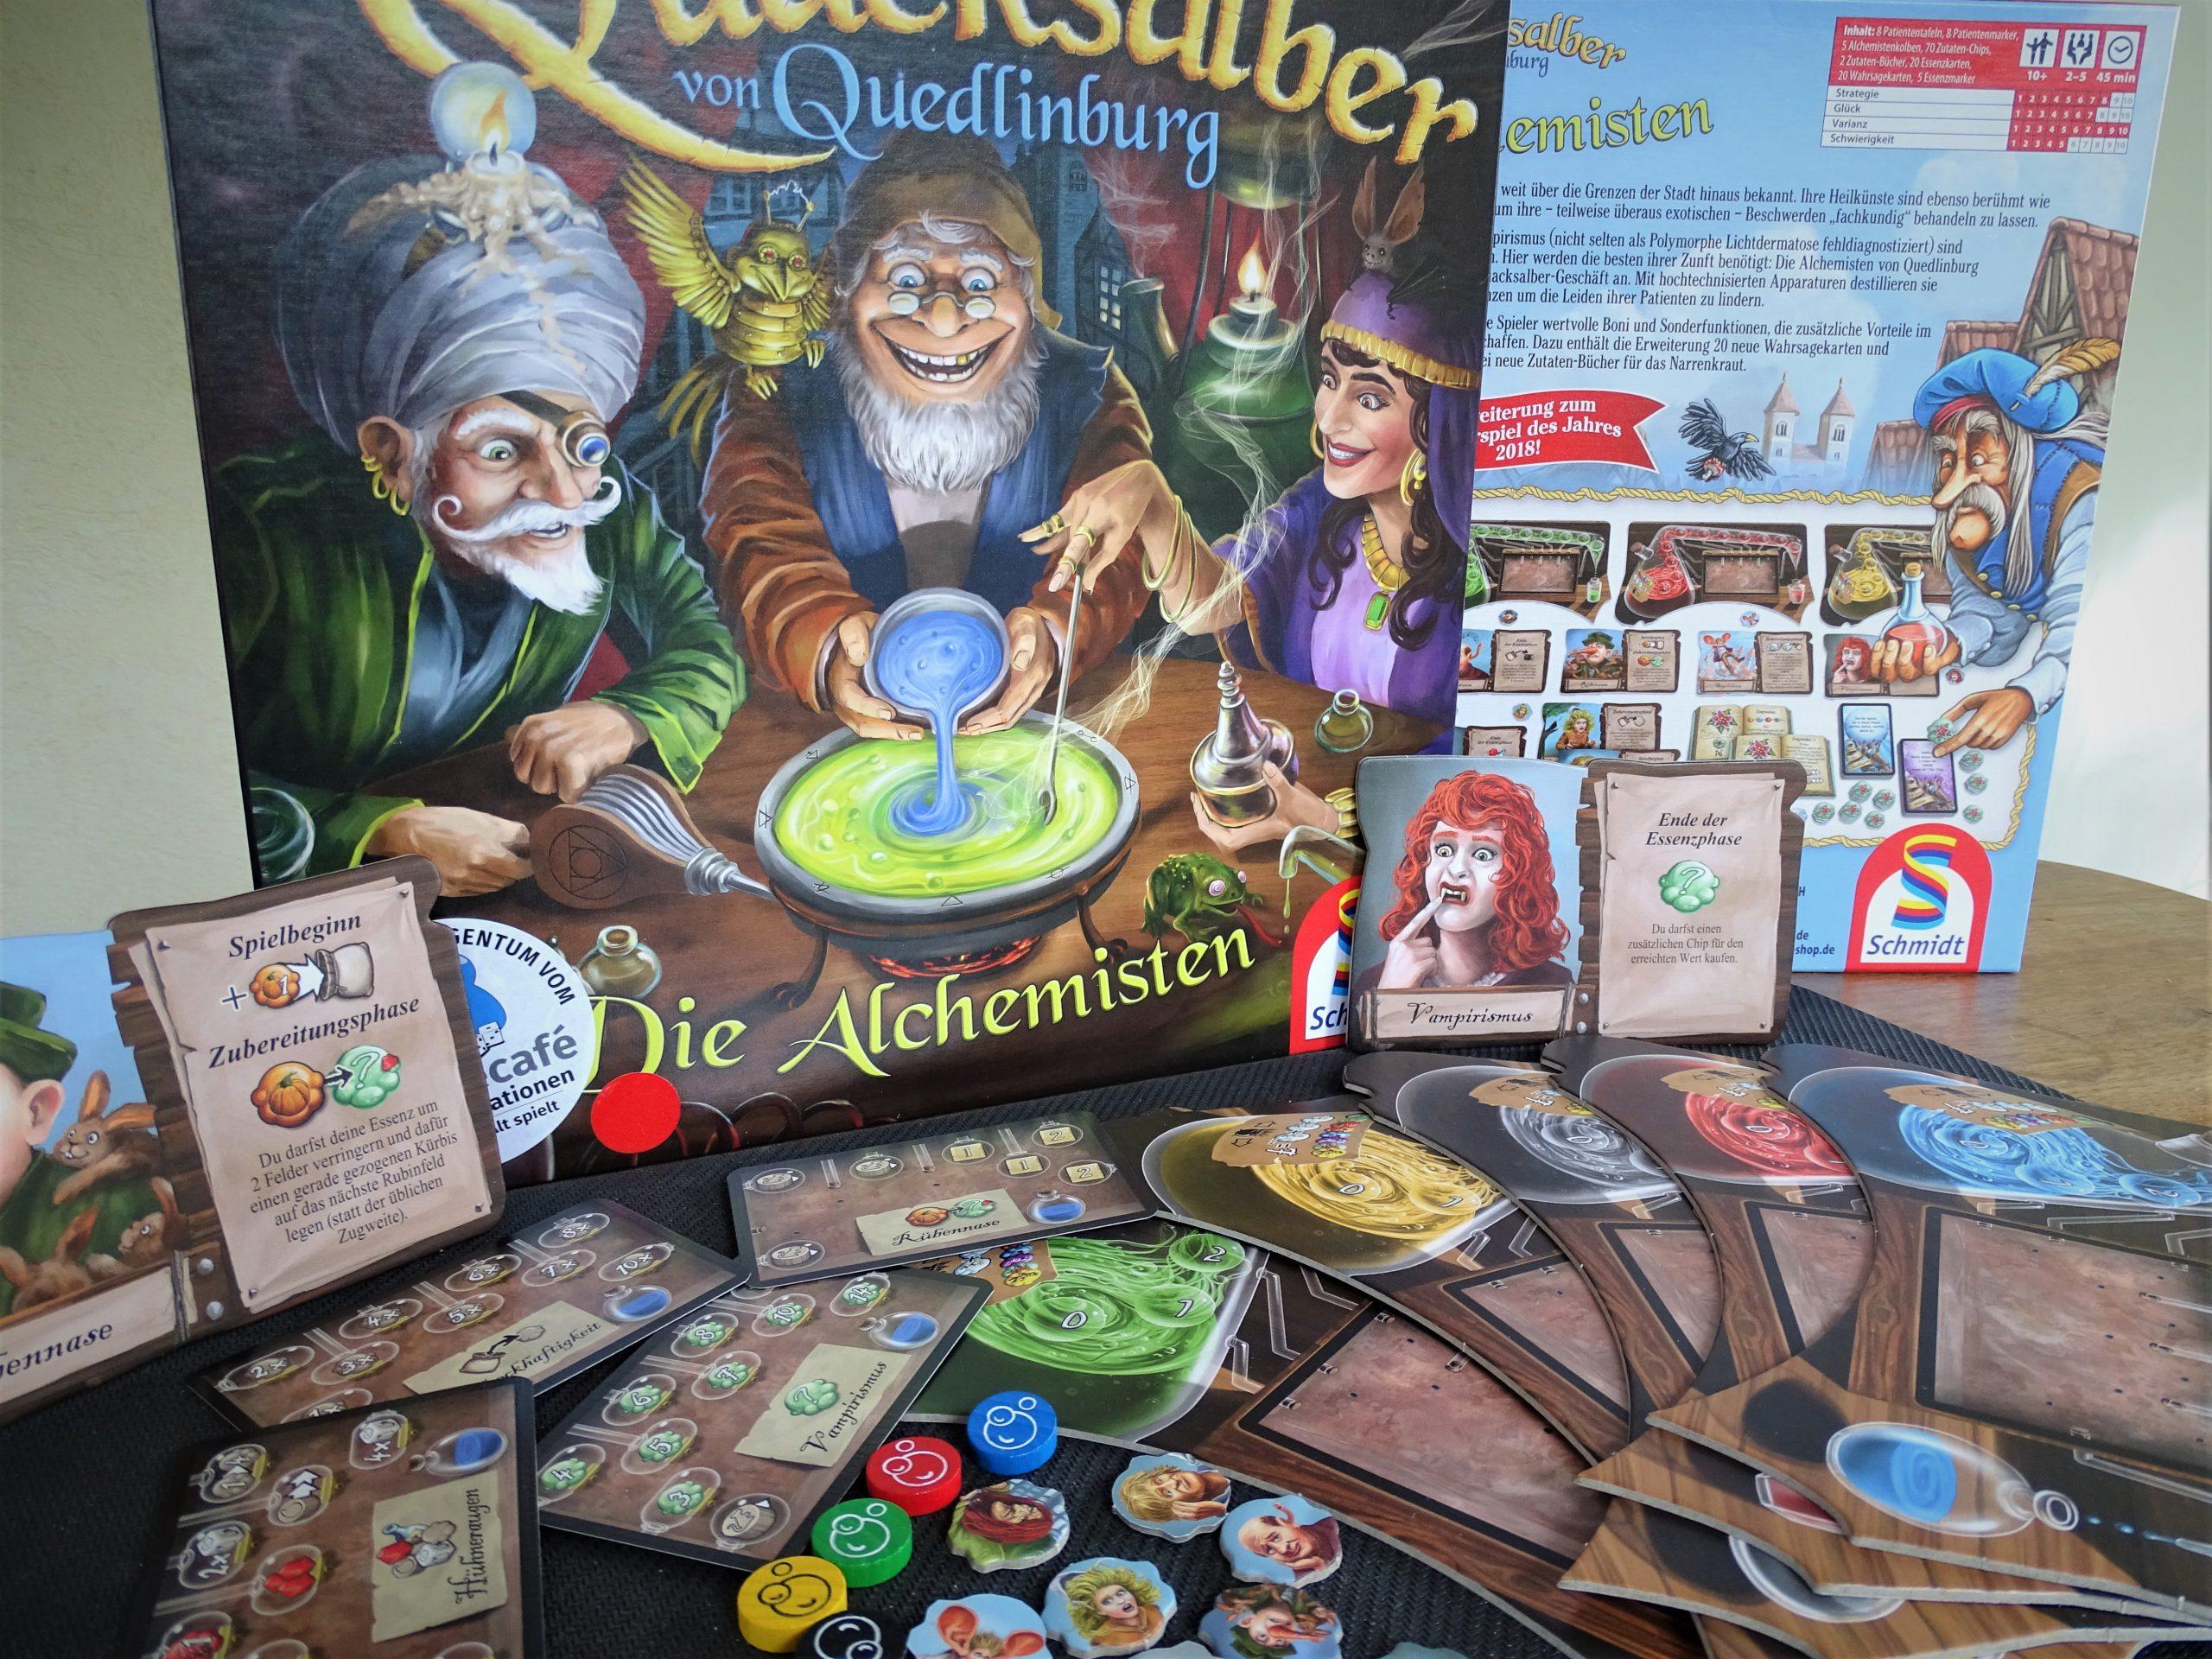 Blick auf die Kartonvorderseite, Rückseite und den neuen Inhalt der Alchemisten